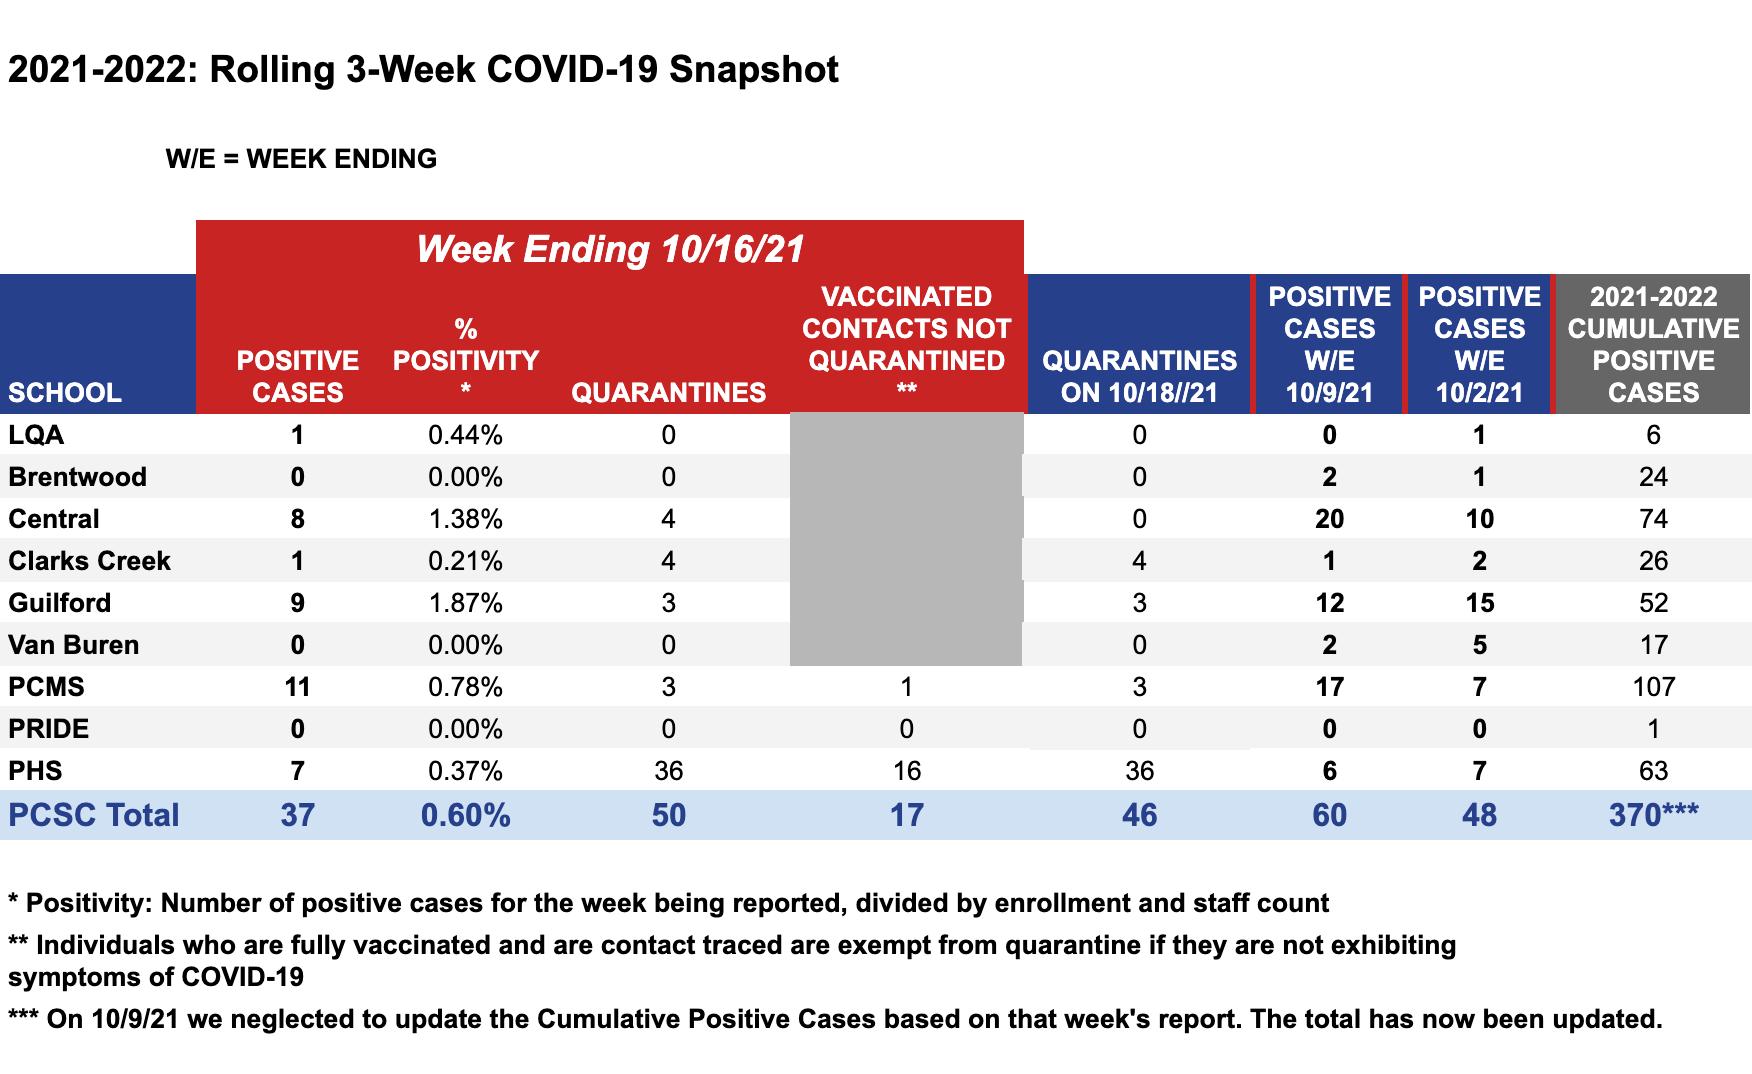 COVID-19 Weekly Snapshot for week ending 10/16/21